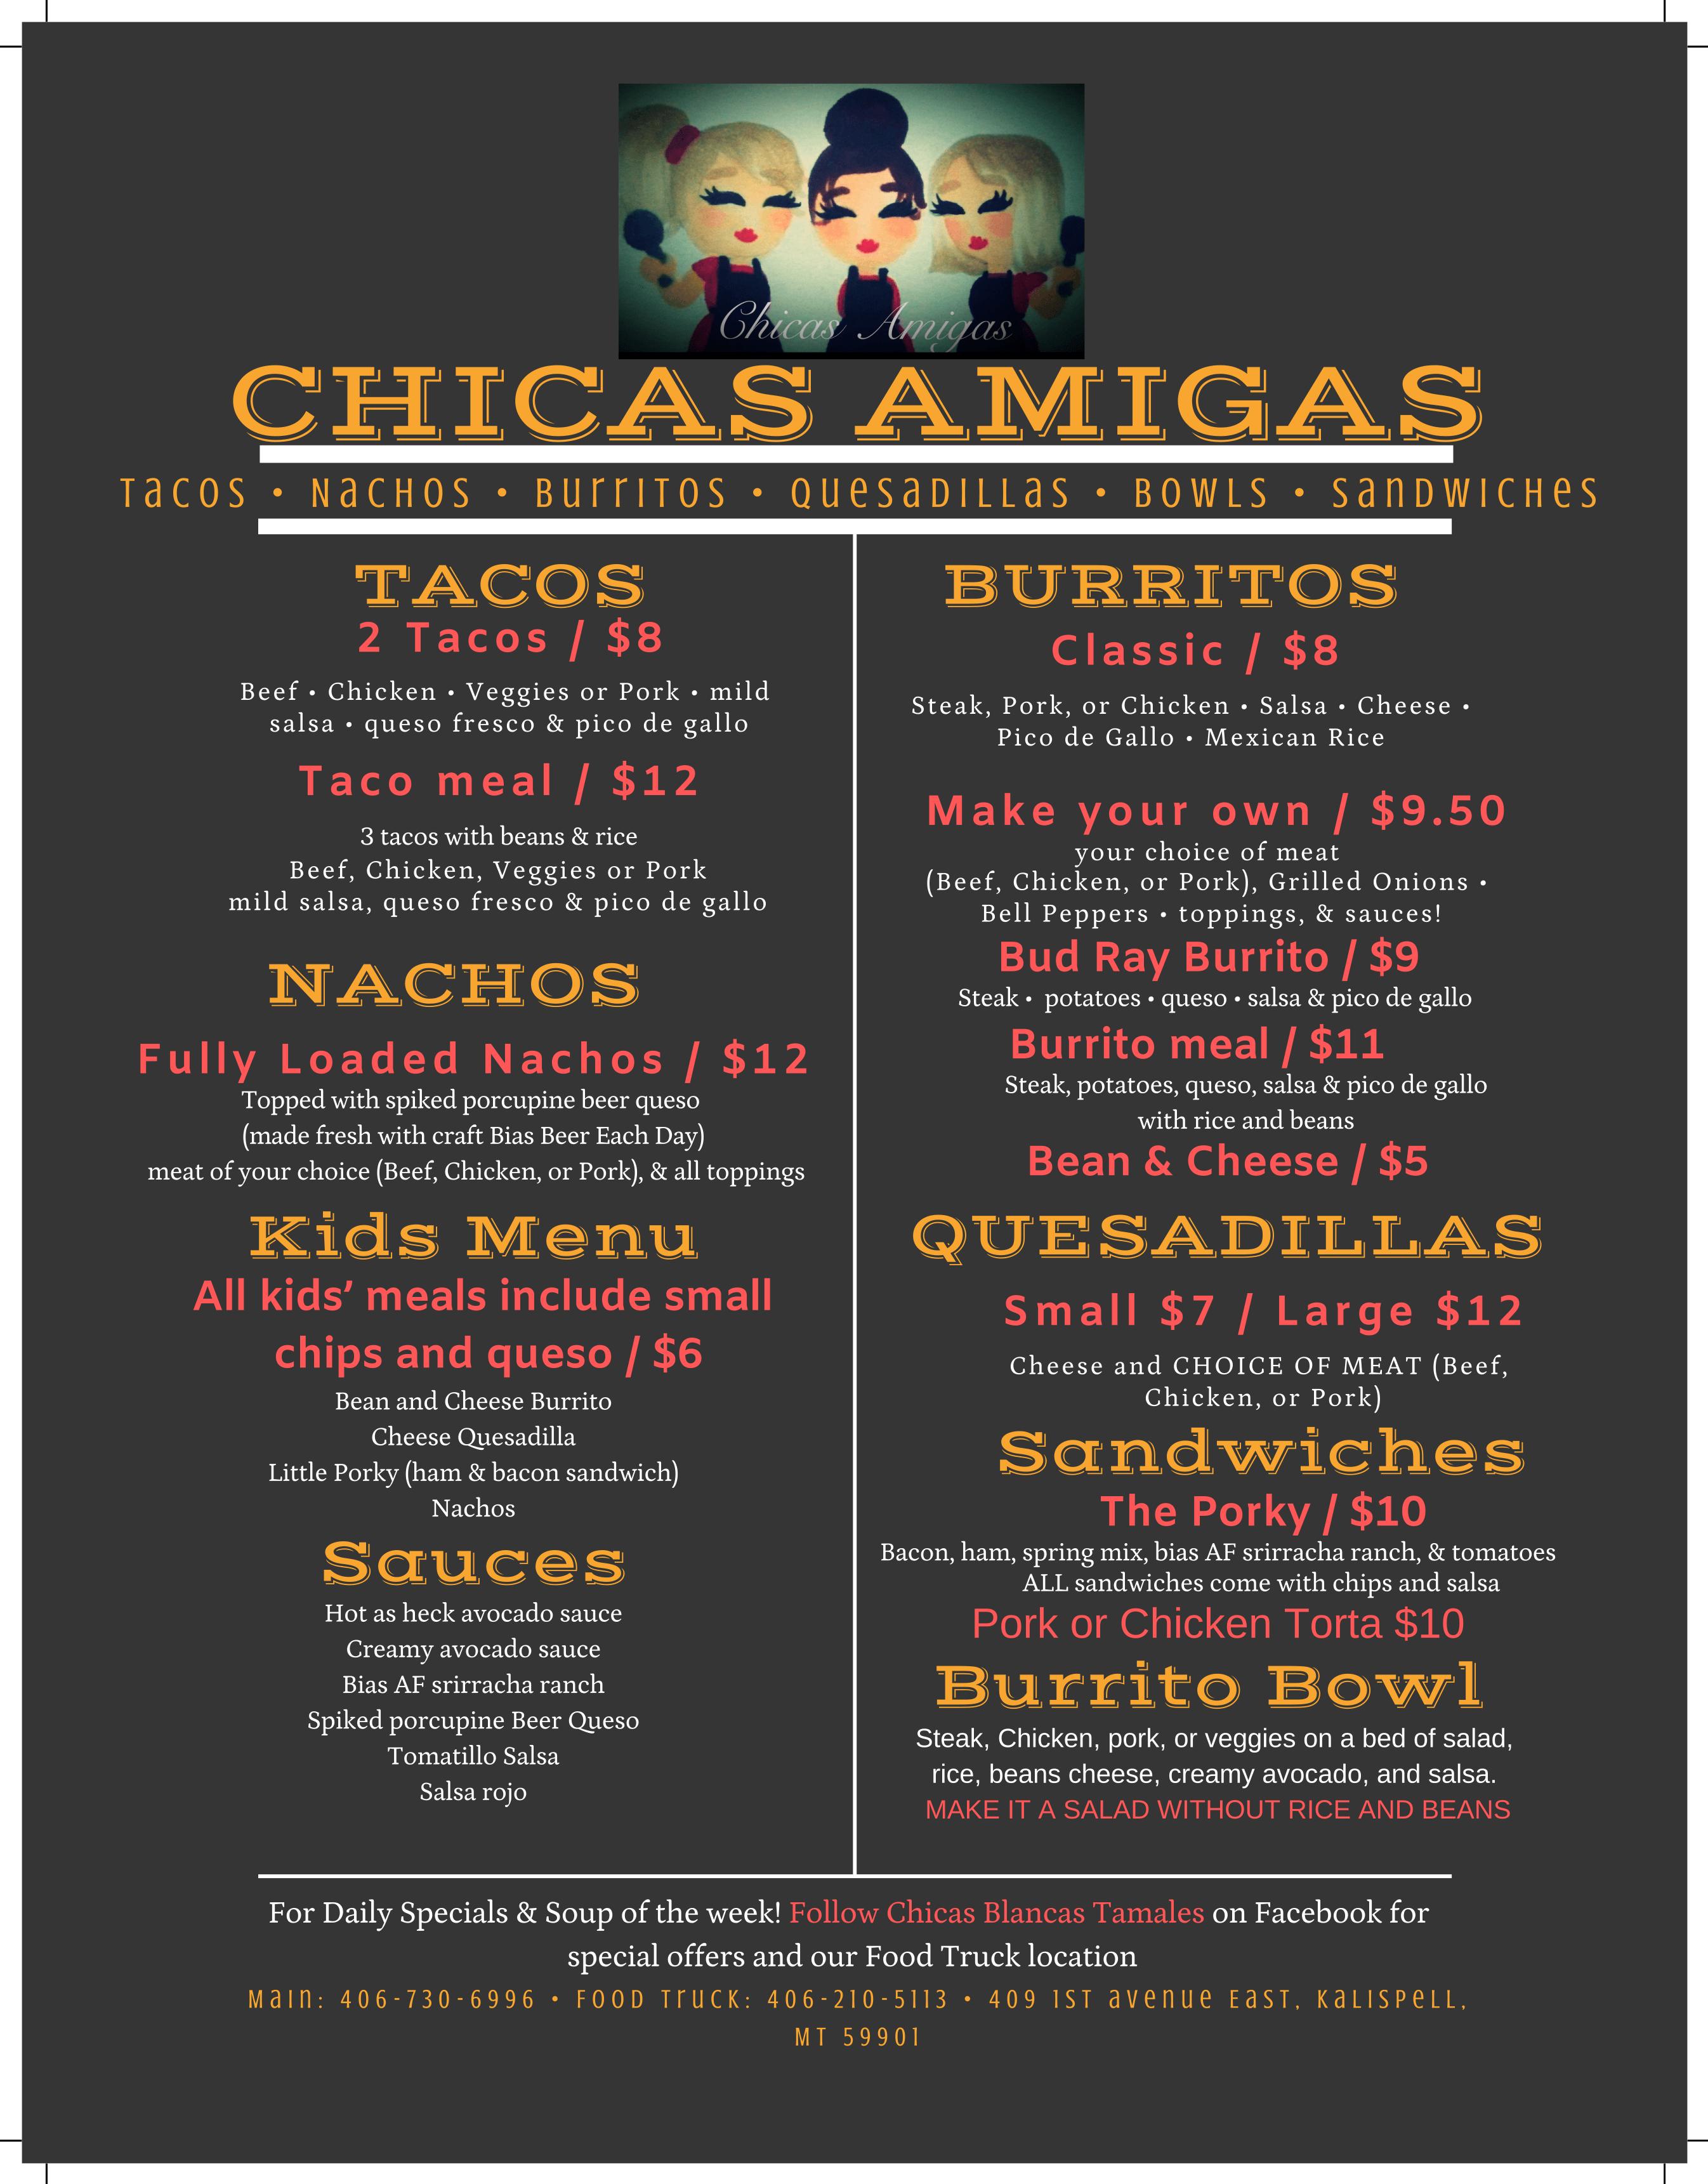 Menu for Chicas Amigas Restaurant of Kalispell, Montana